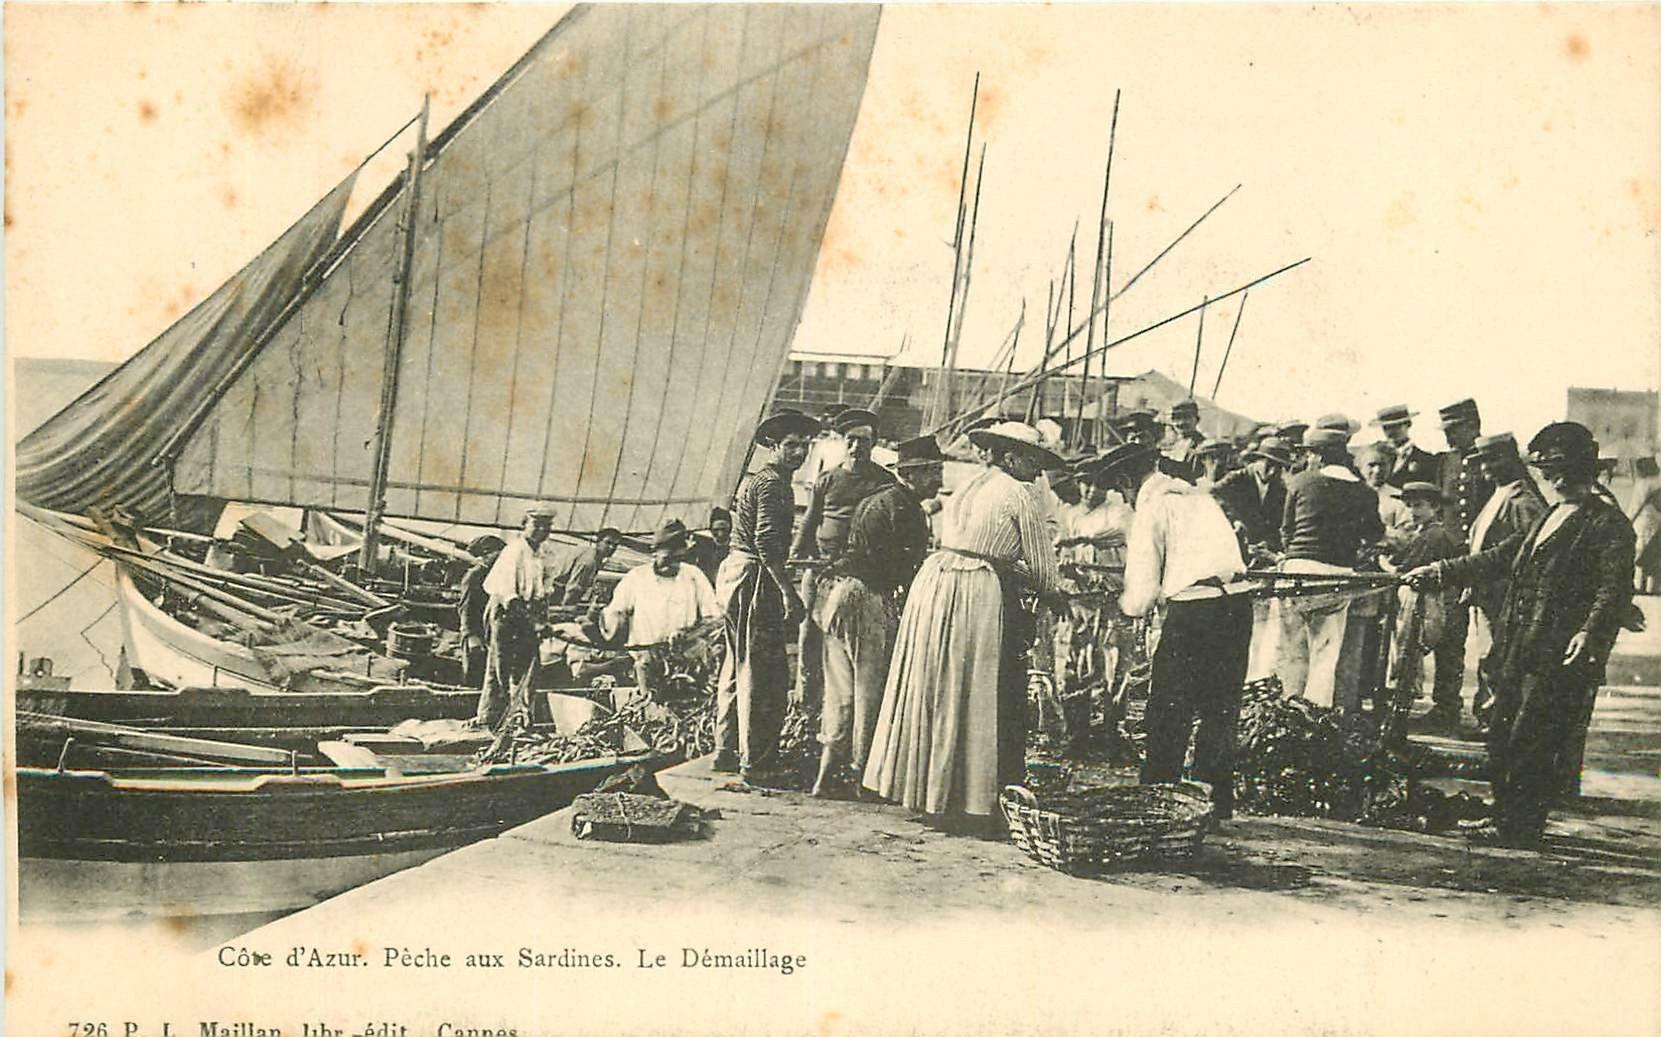 WW 06 CANNES. Le démaillage des filets pour la Pêche aux Sardines vers 1900